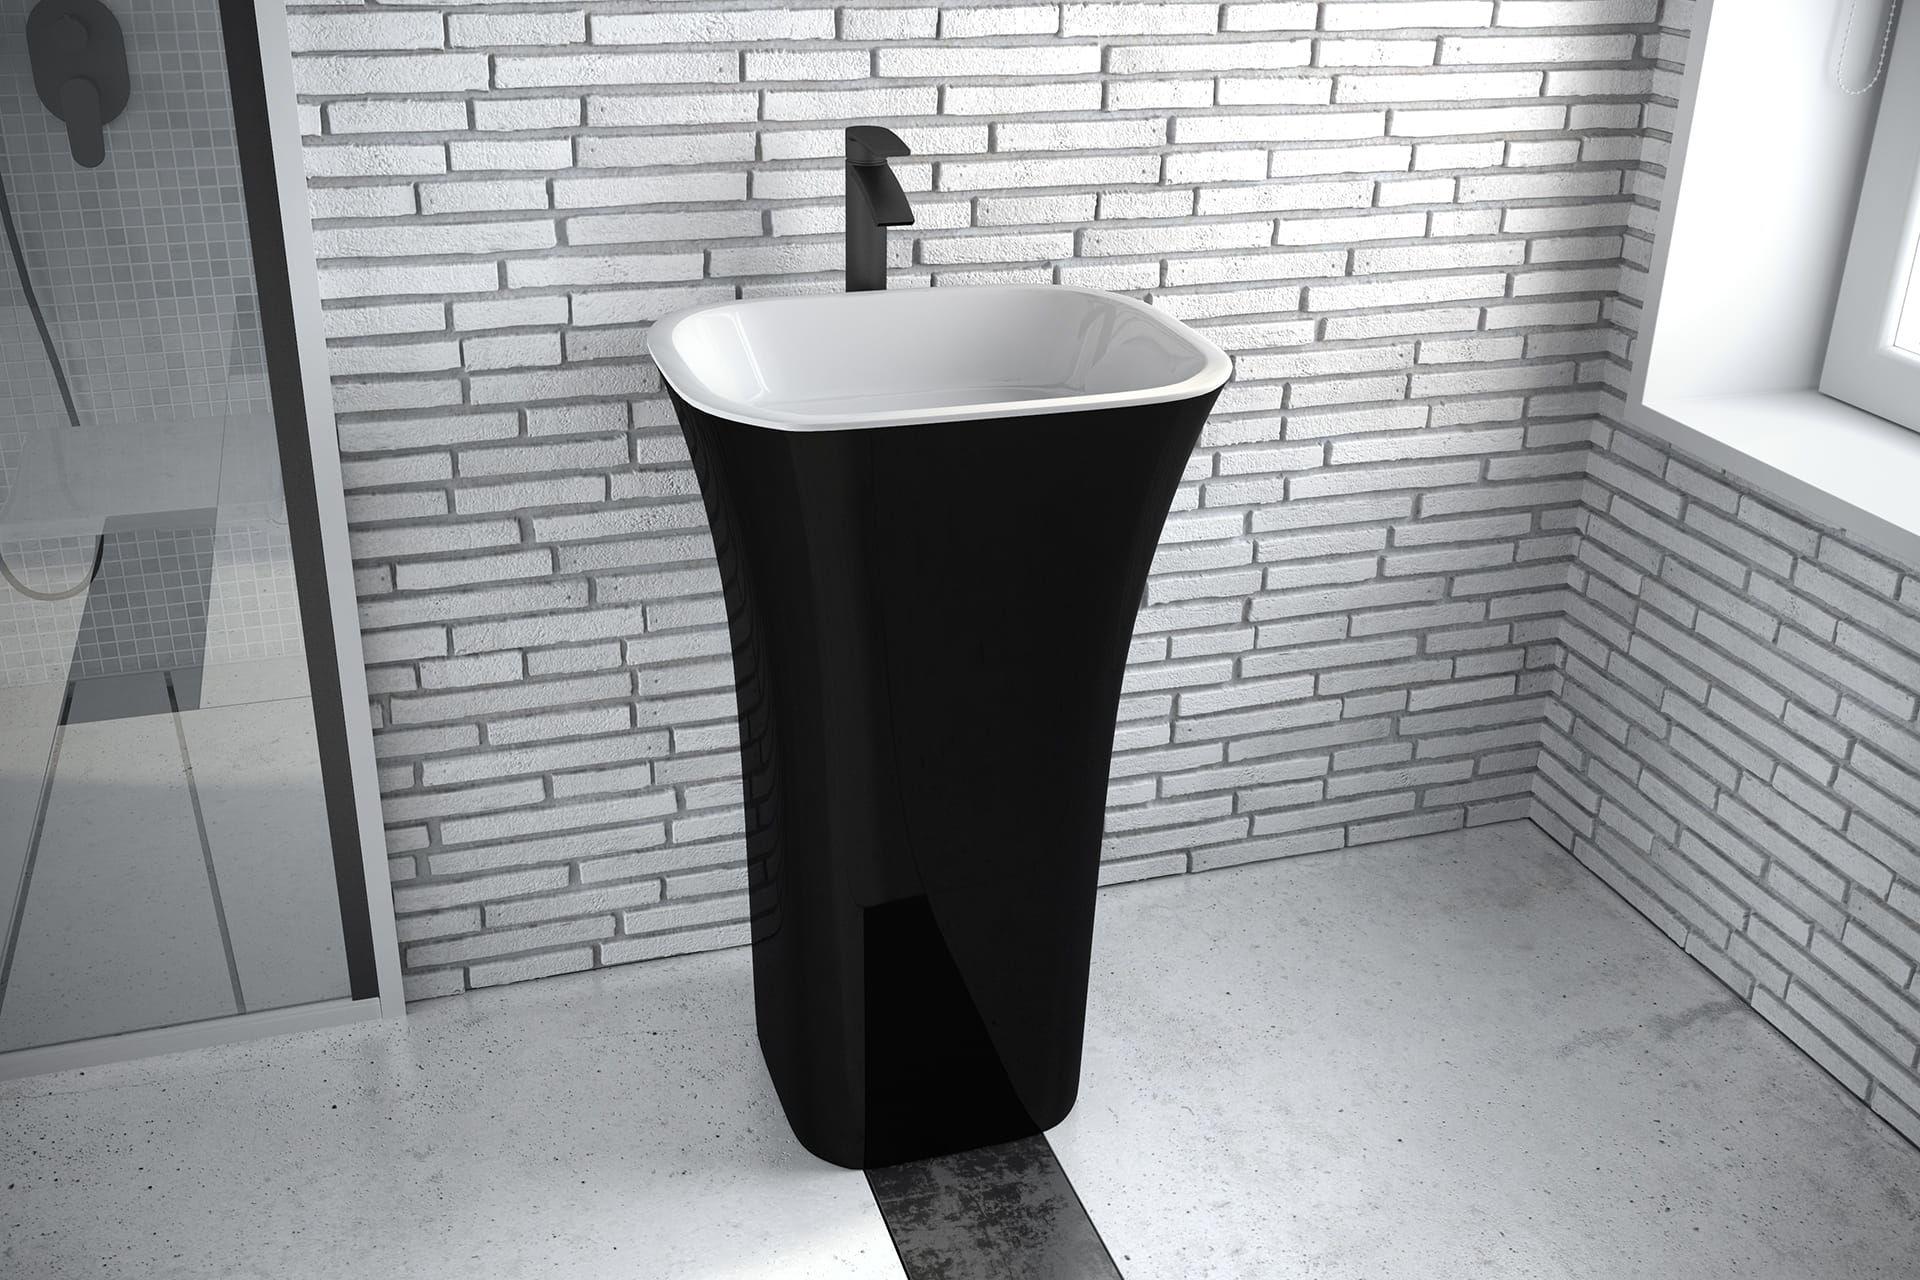 Besco umywalka wolnostojąca Assos Black 40x50x85 cm biało-czarna